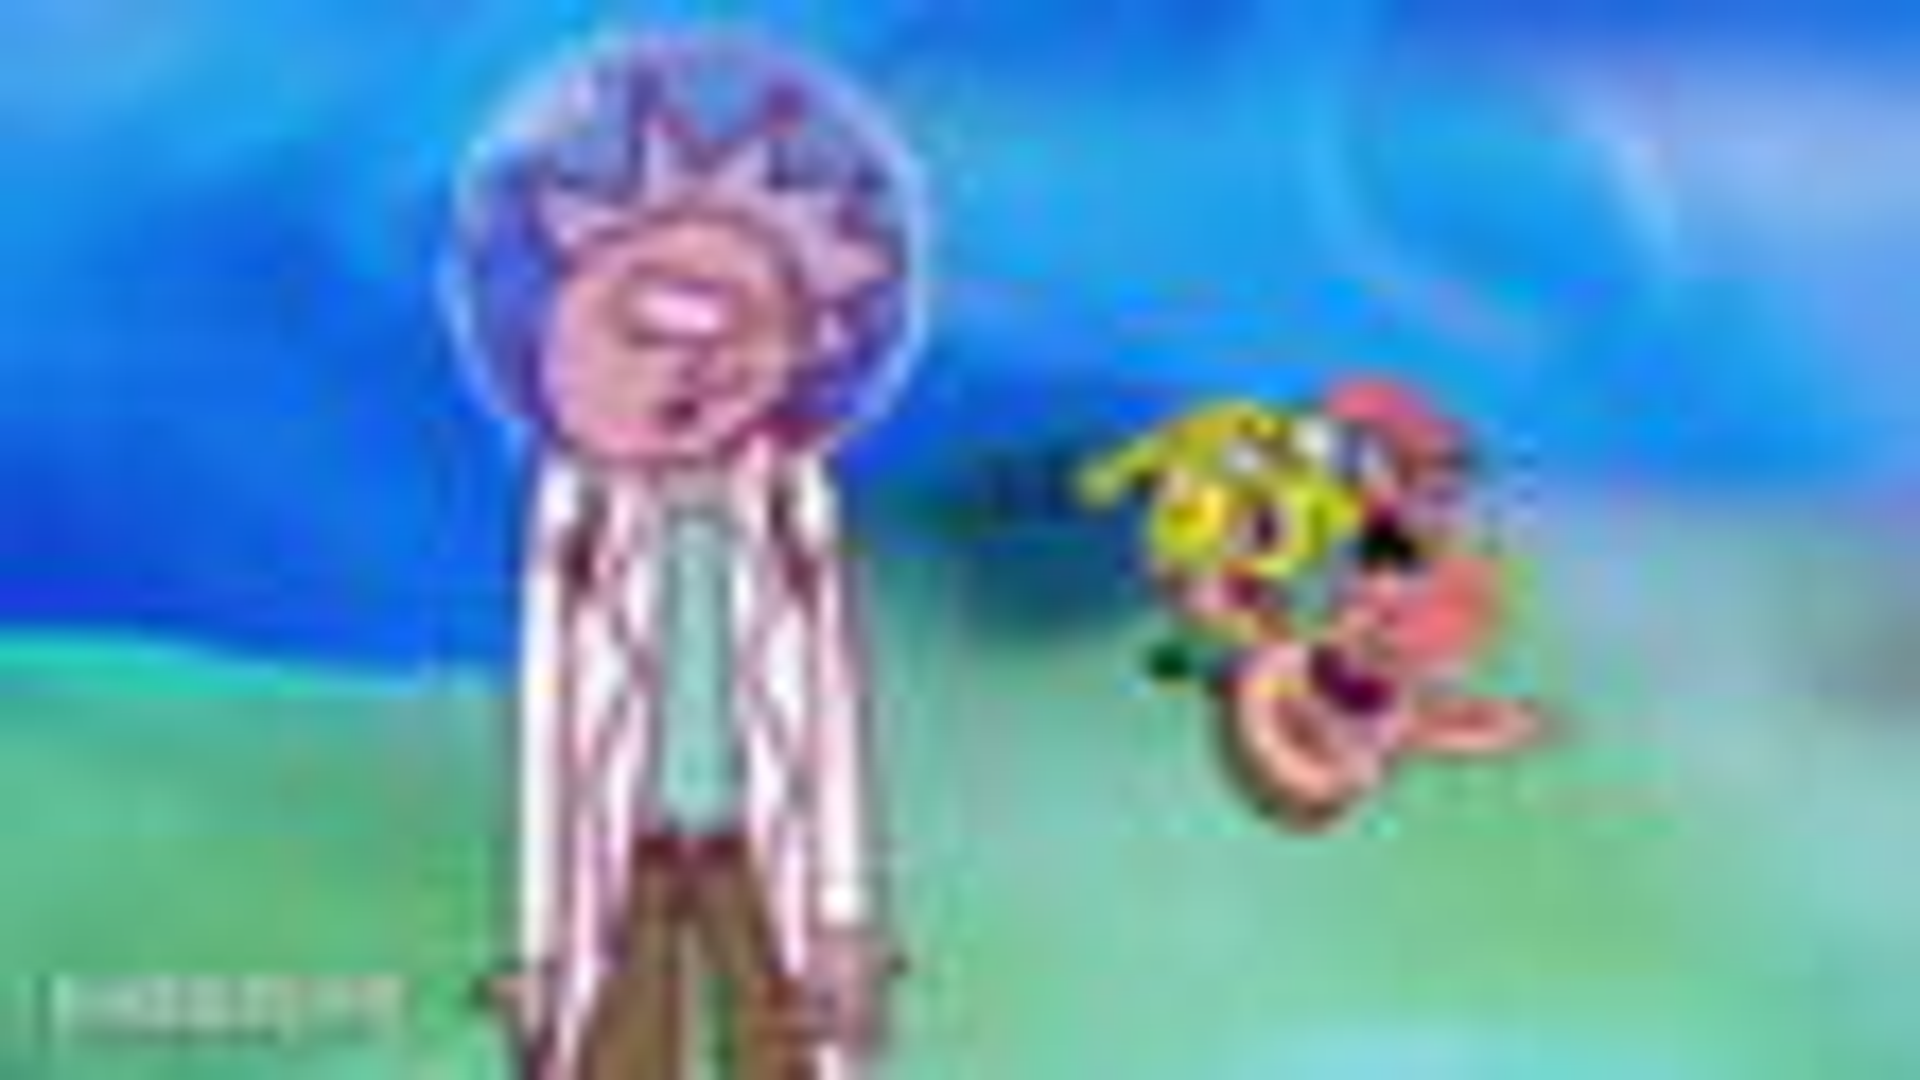 当瑞克和莫蒂遇上海绵宝宝和海贼王:瑞克和莫蒂跨现实维度开场动画